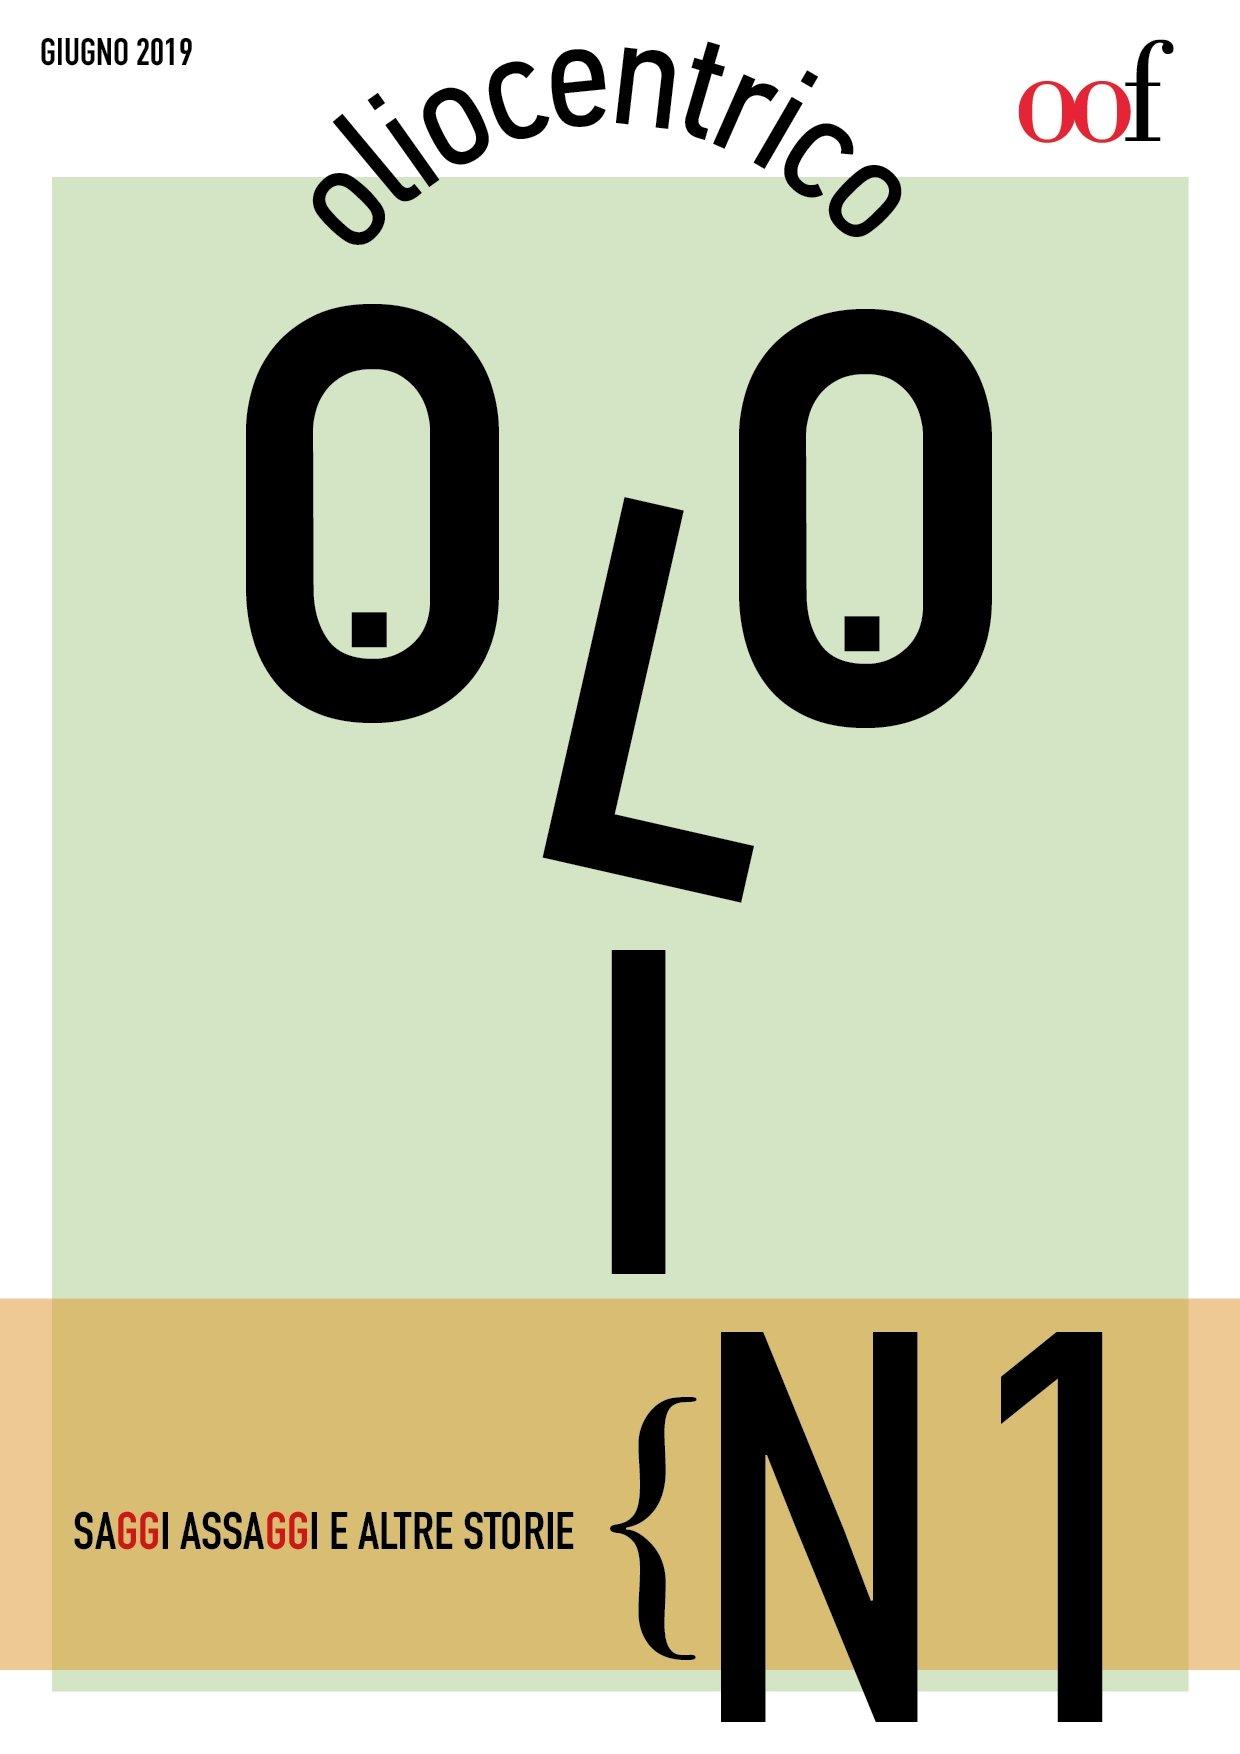 In attesa del numero 2 di Oliocentrico